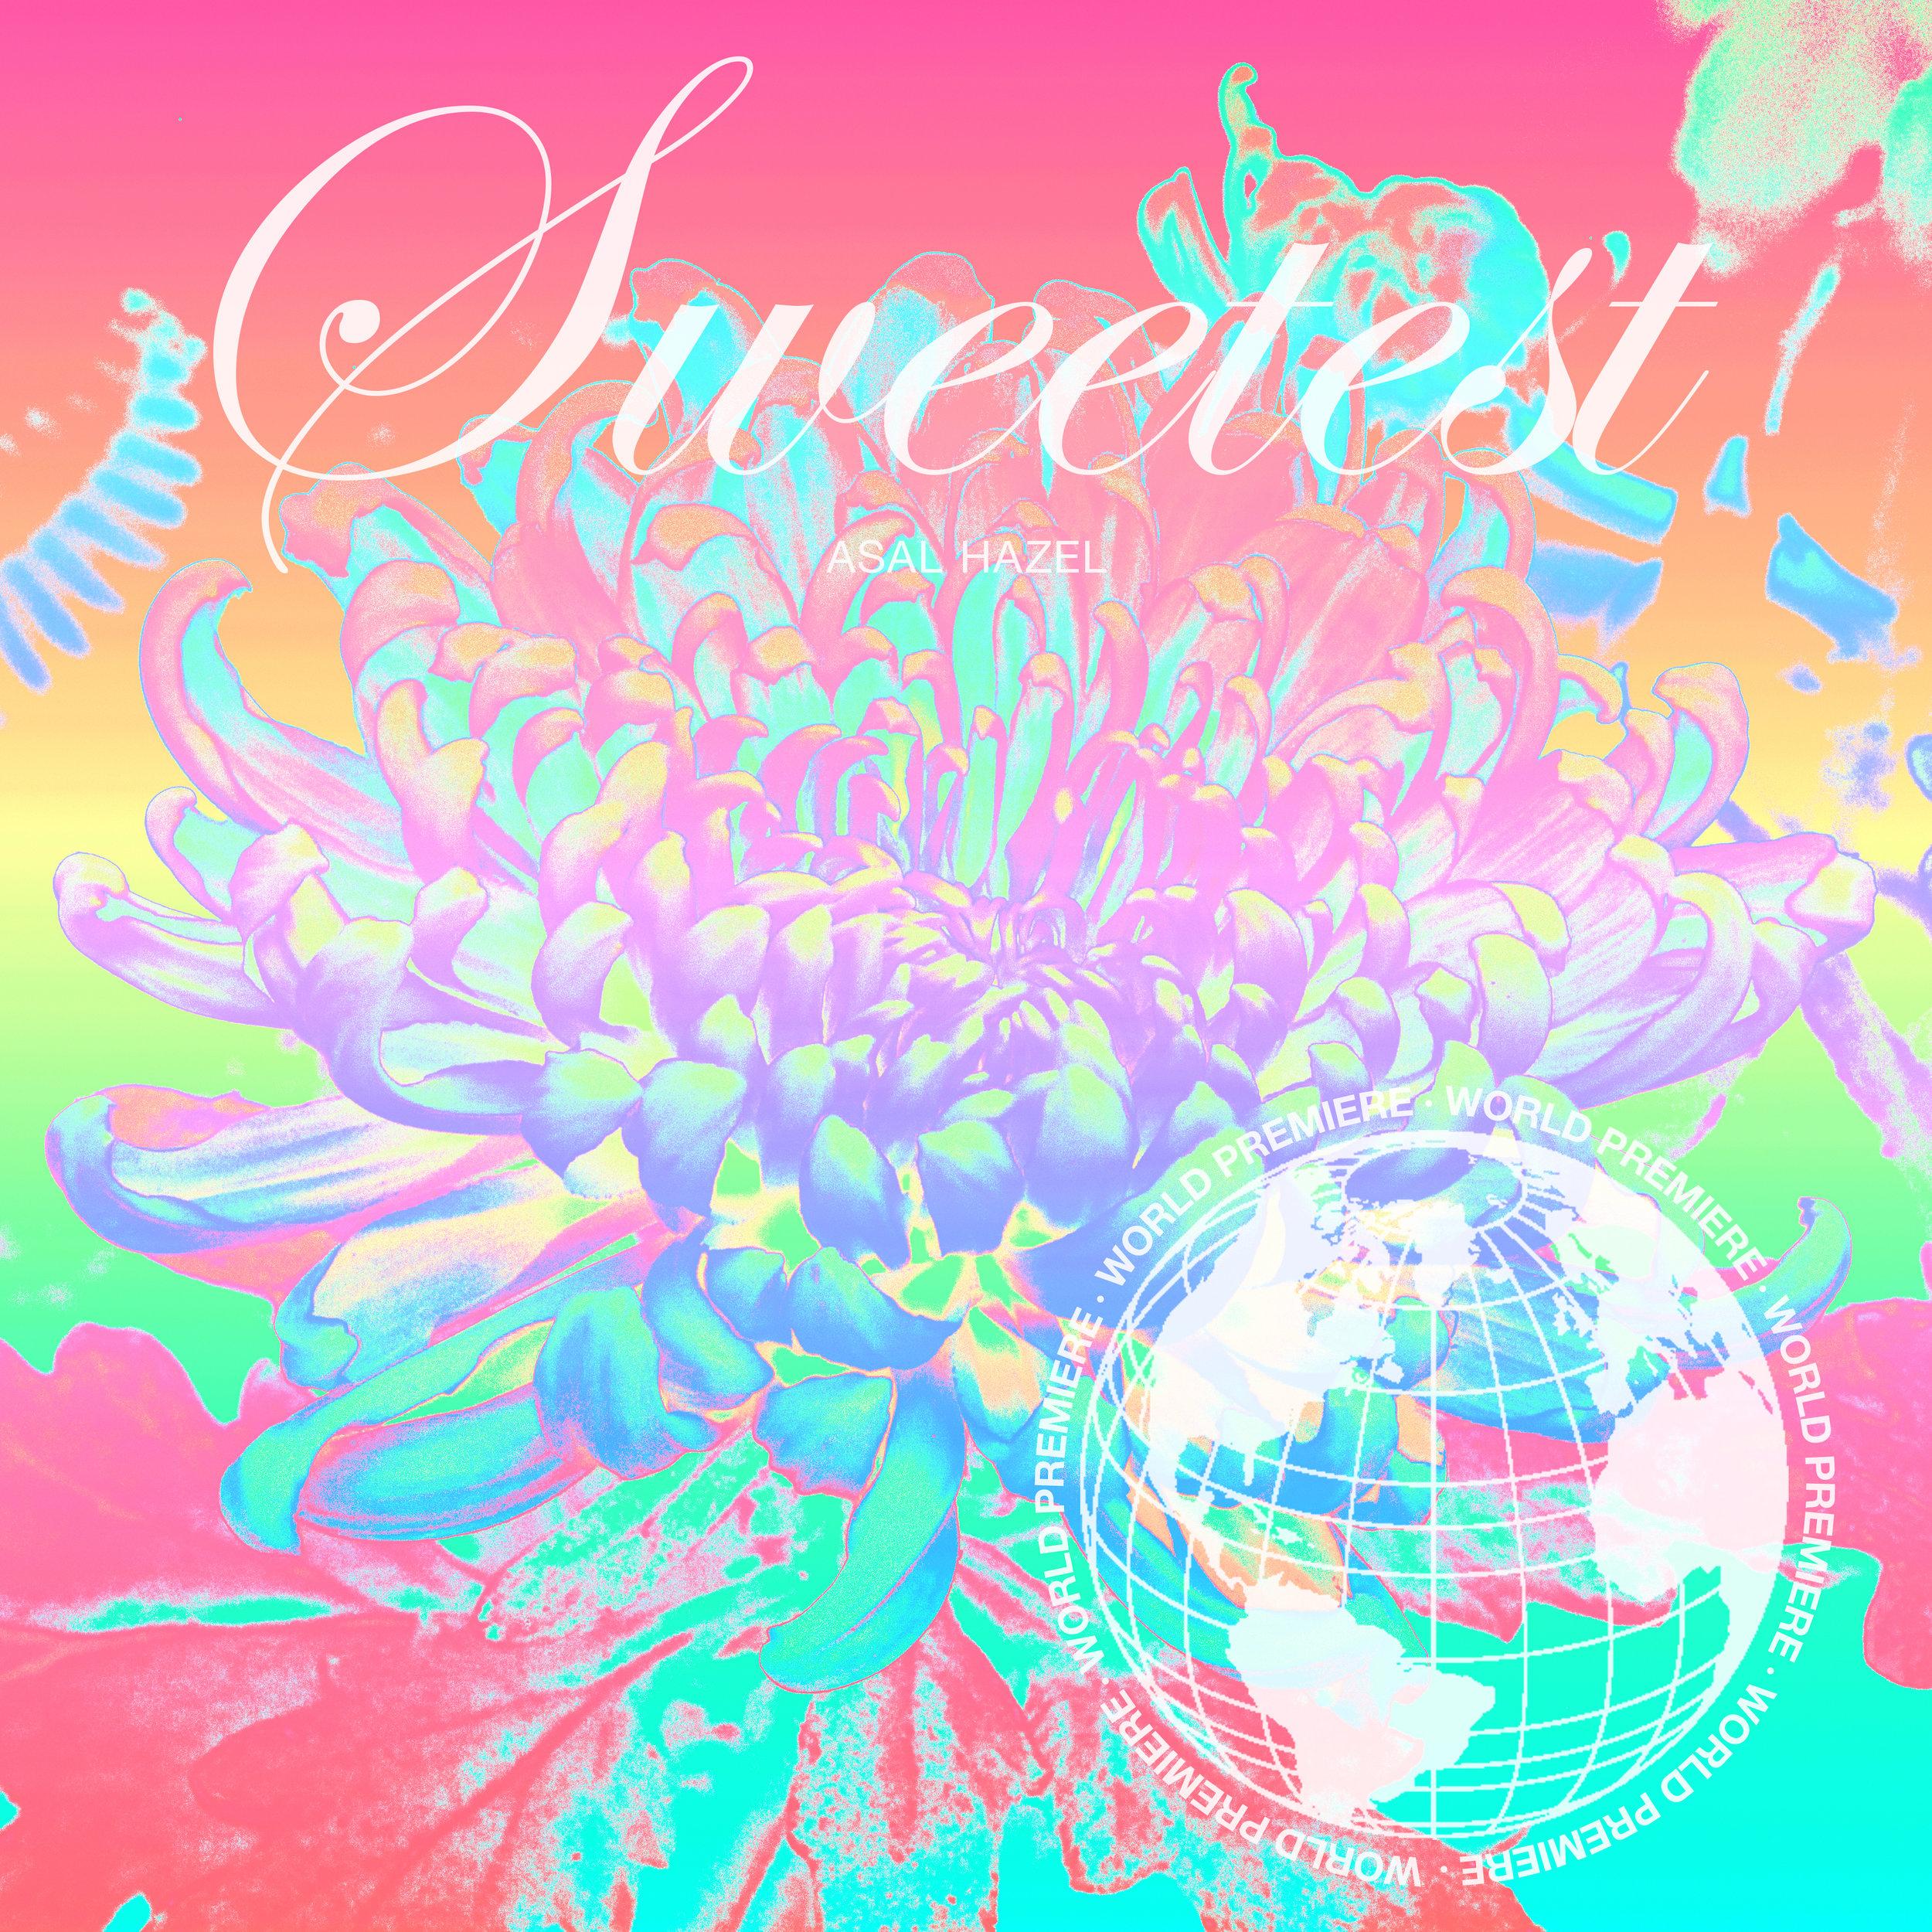 sweetest asal cover art jan29.jpg